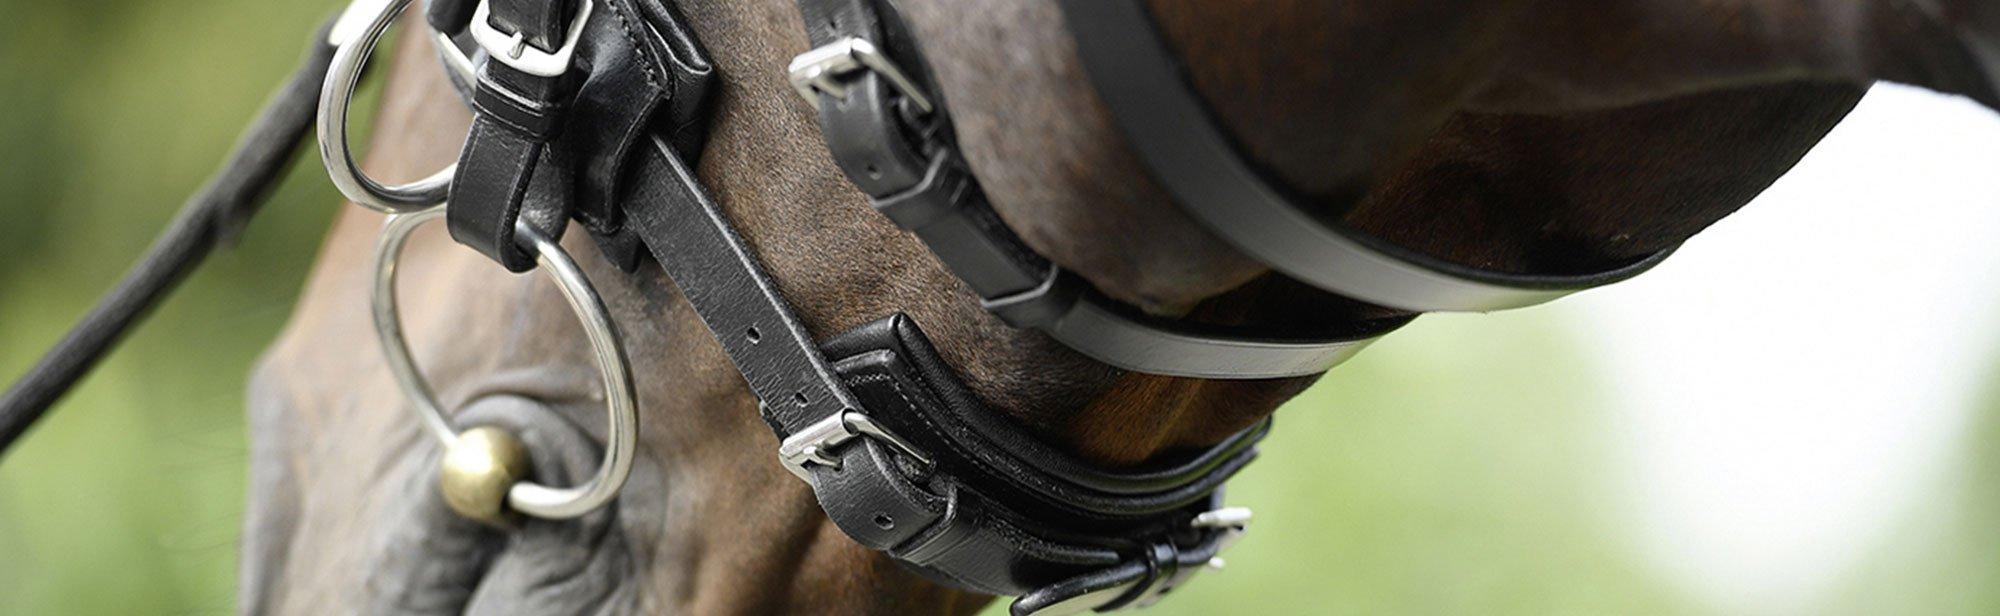 Trensen für Pferde günstig online bestellen, Bild 2